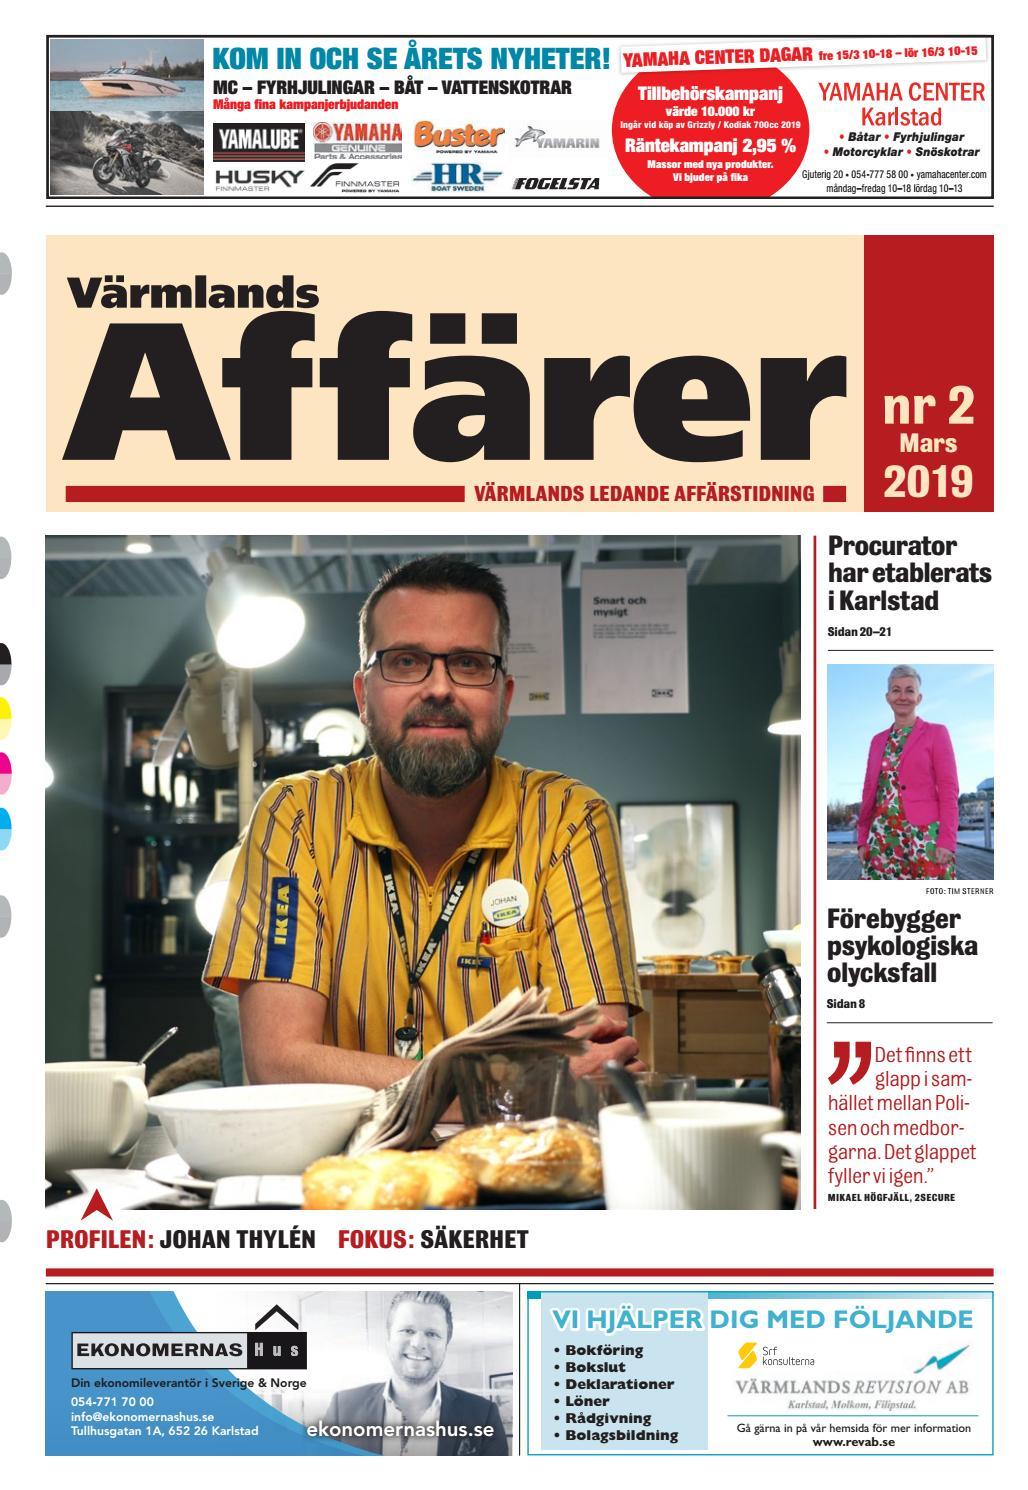 Speed dating Örebro vaccin